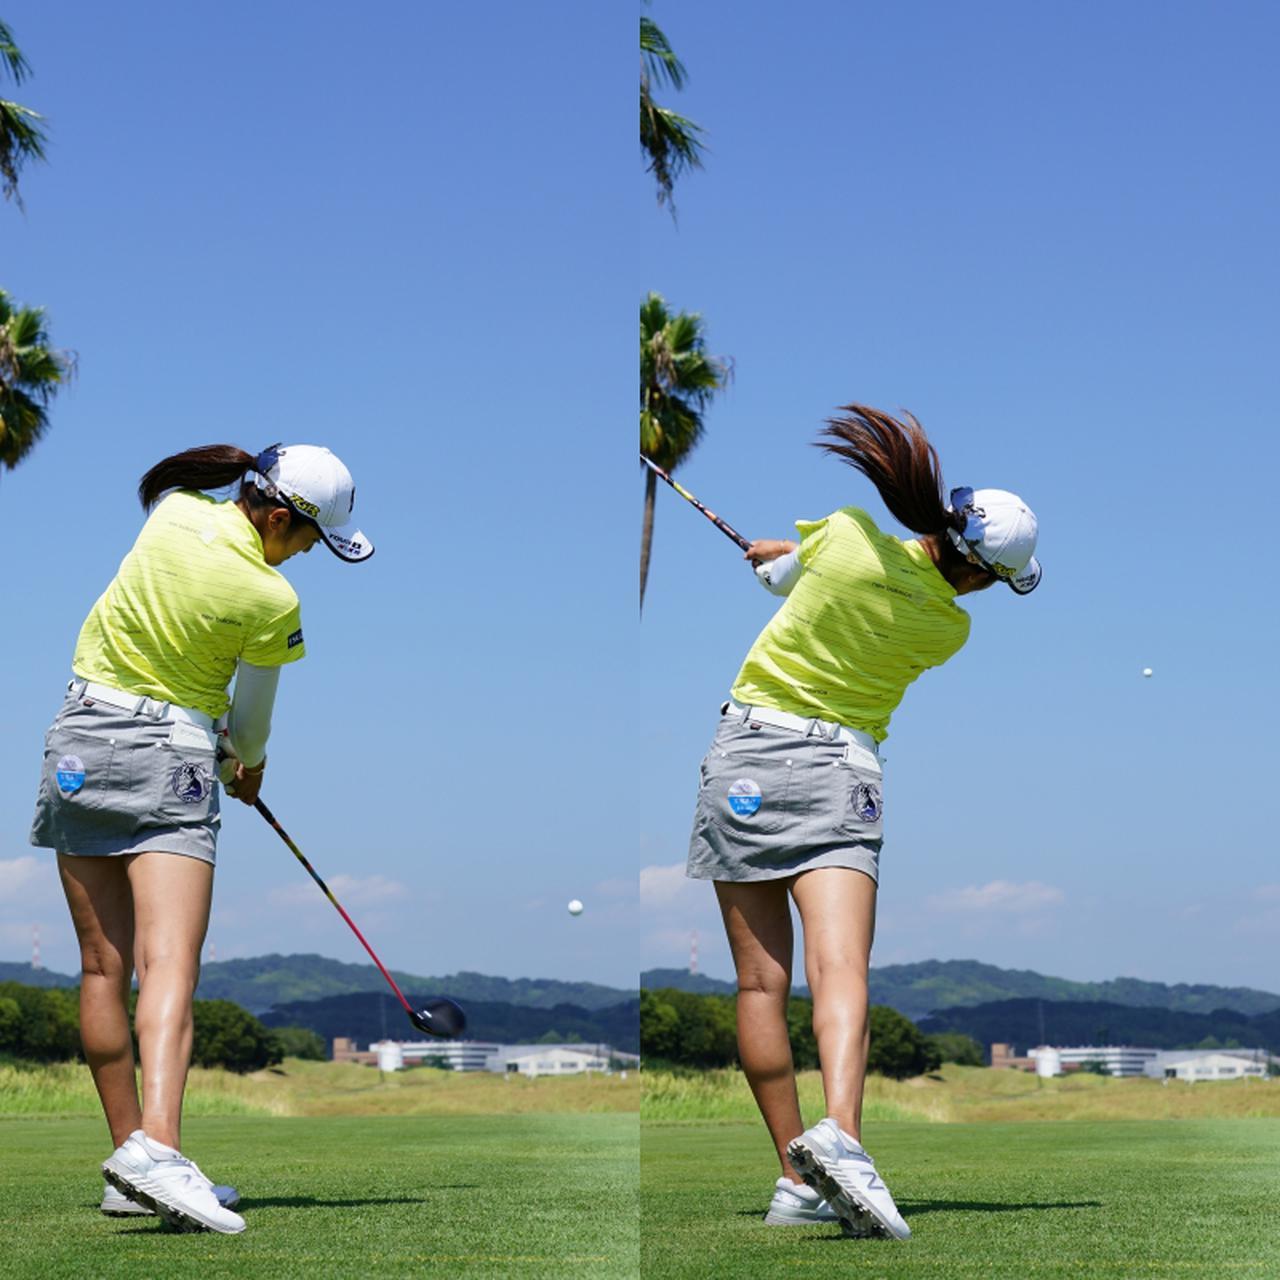 画像: 画像D 下半身で作った回転力を最後まで生かしインサイドに振り抜きターゲットよりもやや左に打ち出すフェードボールで攻める(写真は2020年日本女子プロゴルフ選手権 写真/姉崎正)